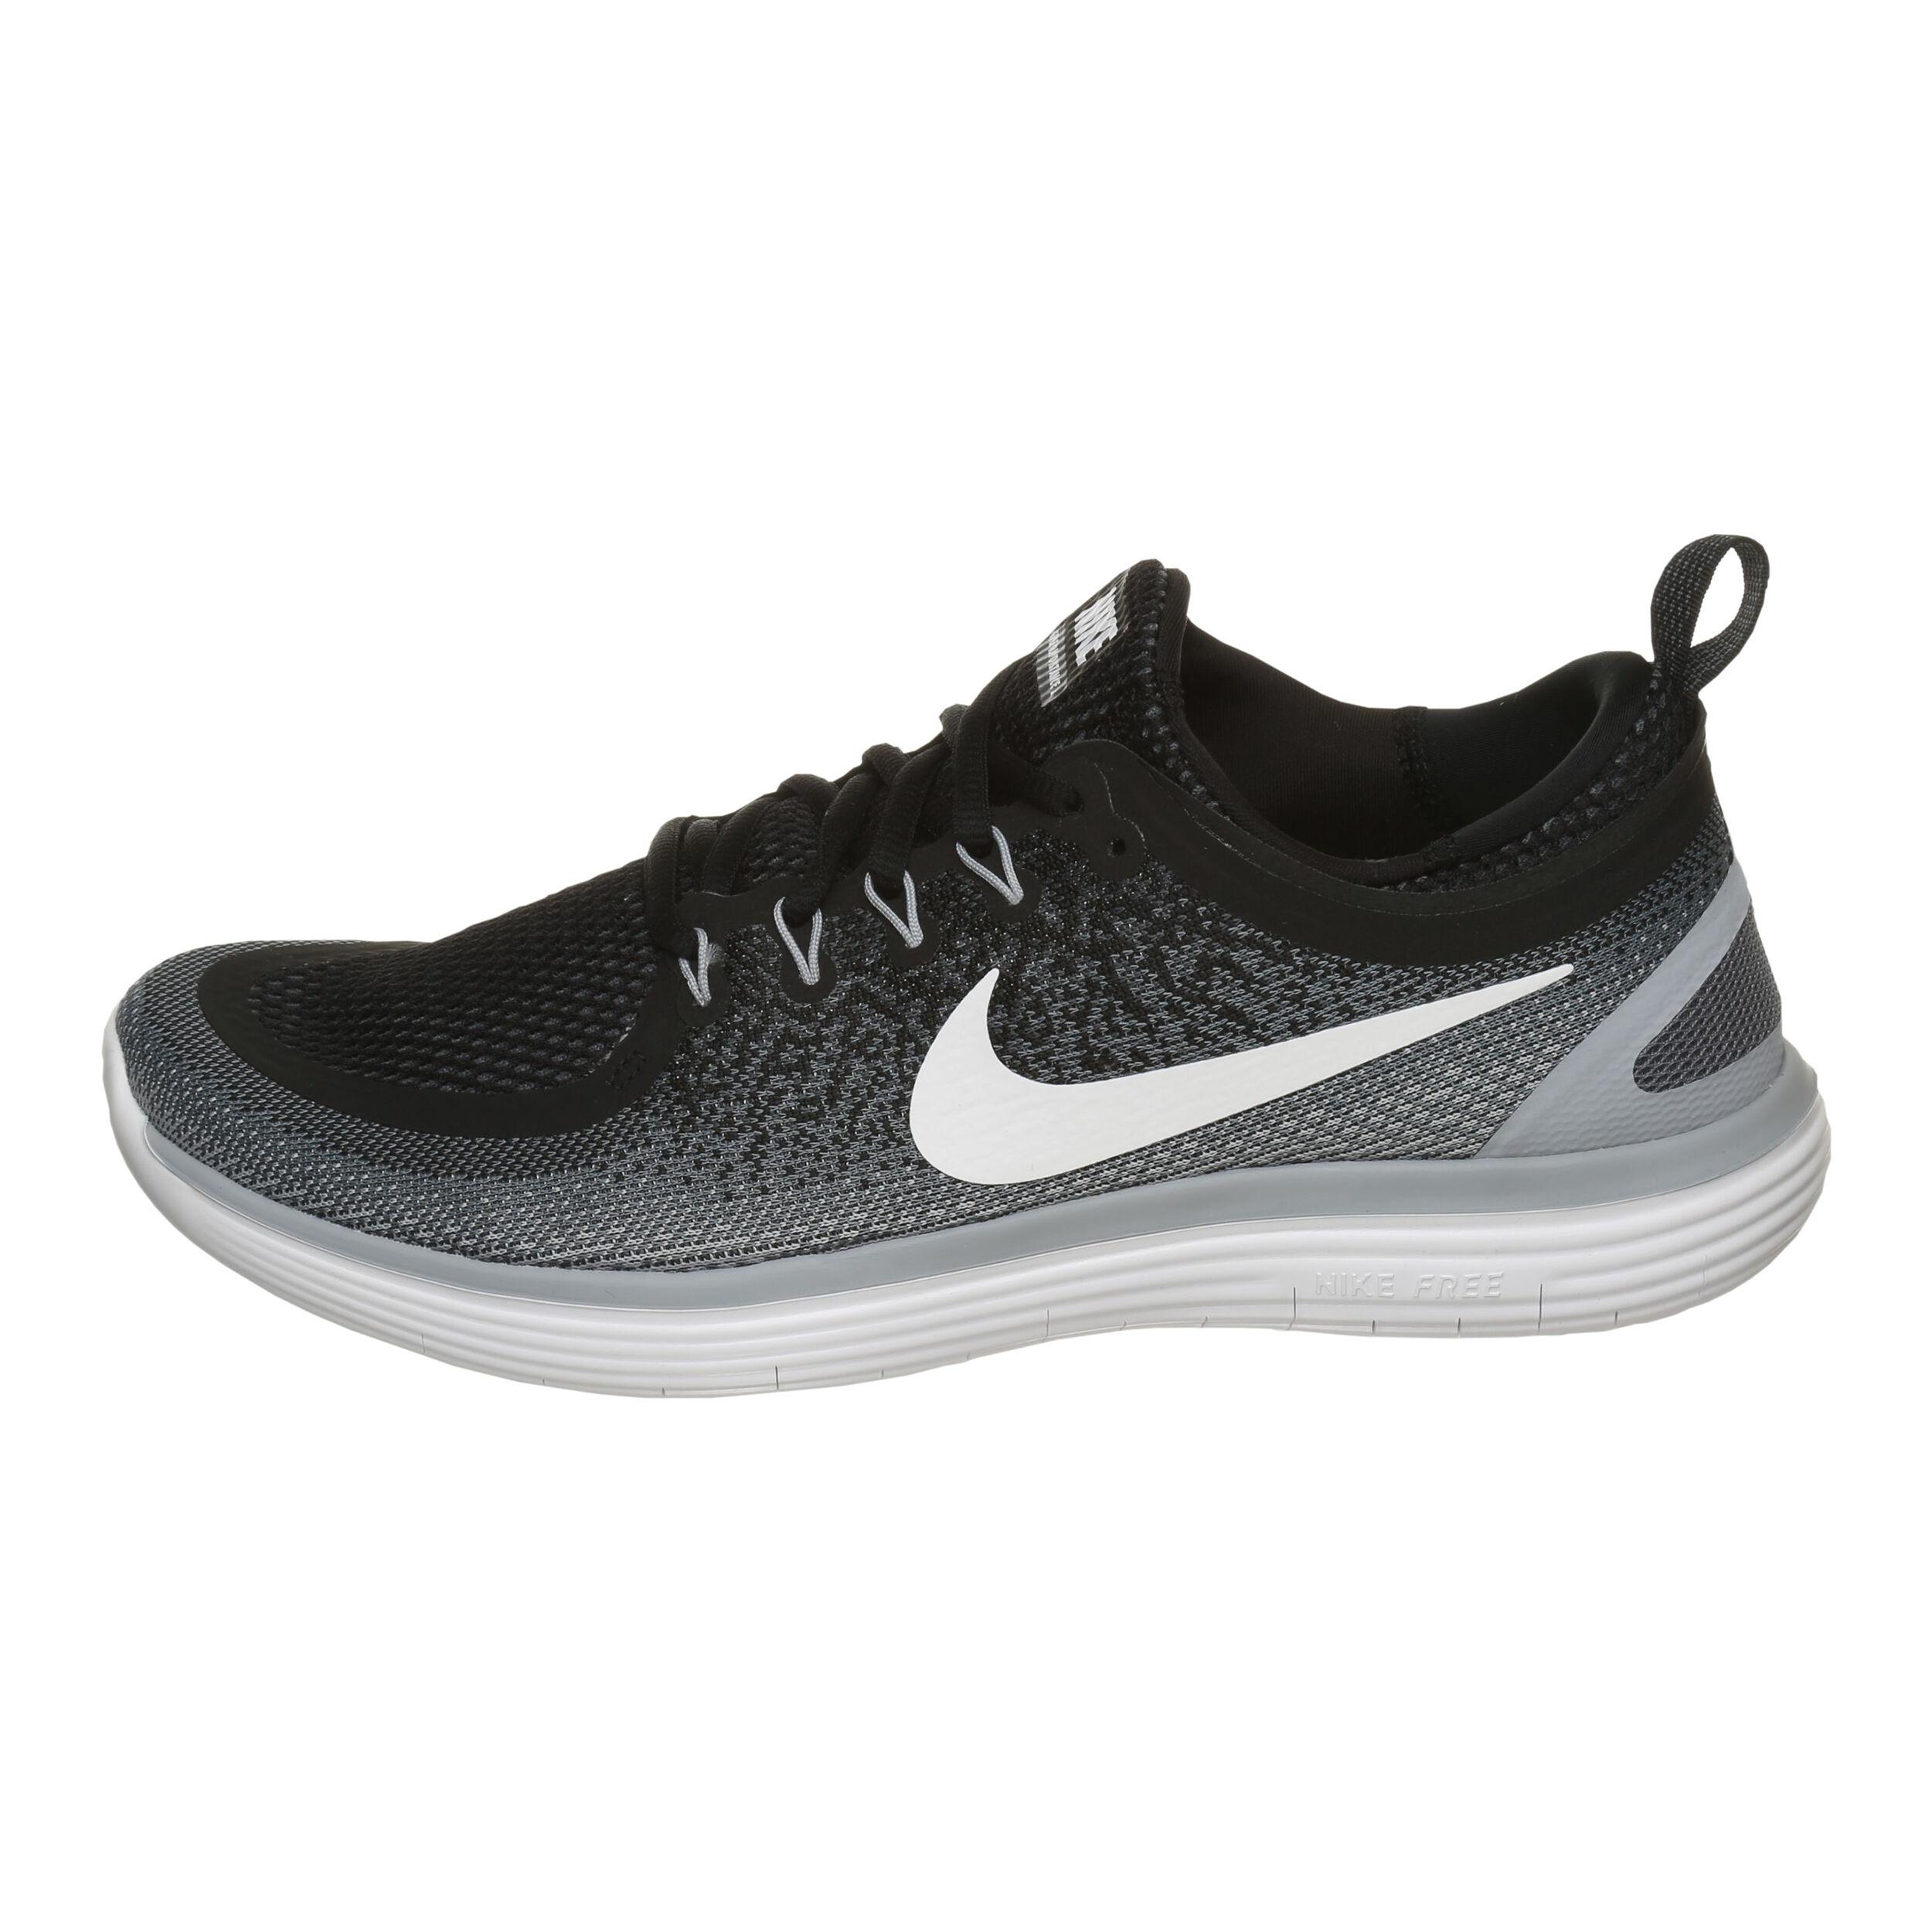 Nike Free Run Distance 2 Chaussure De Fitness Hommes Noir